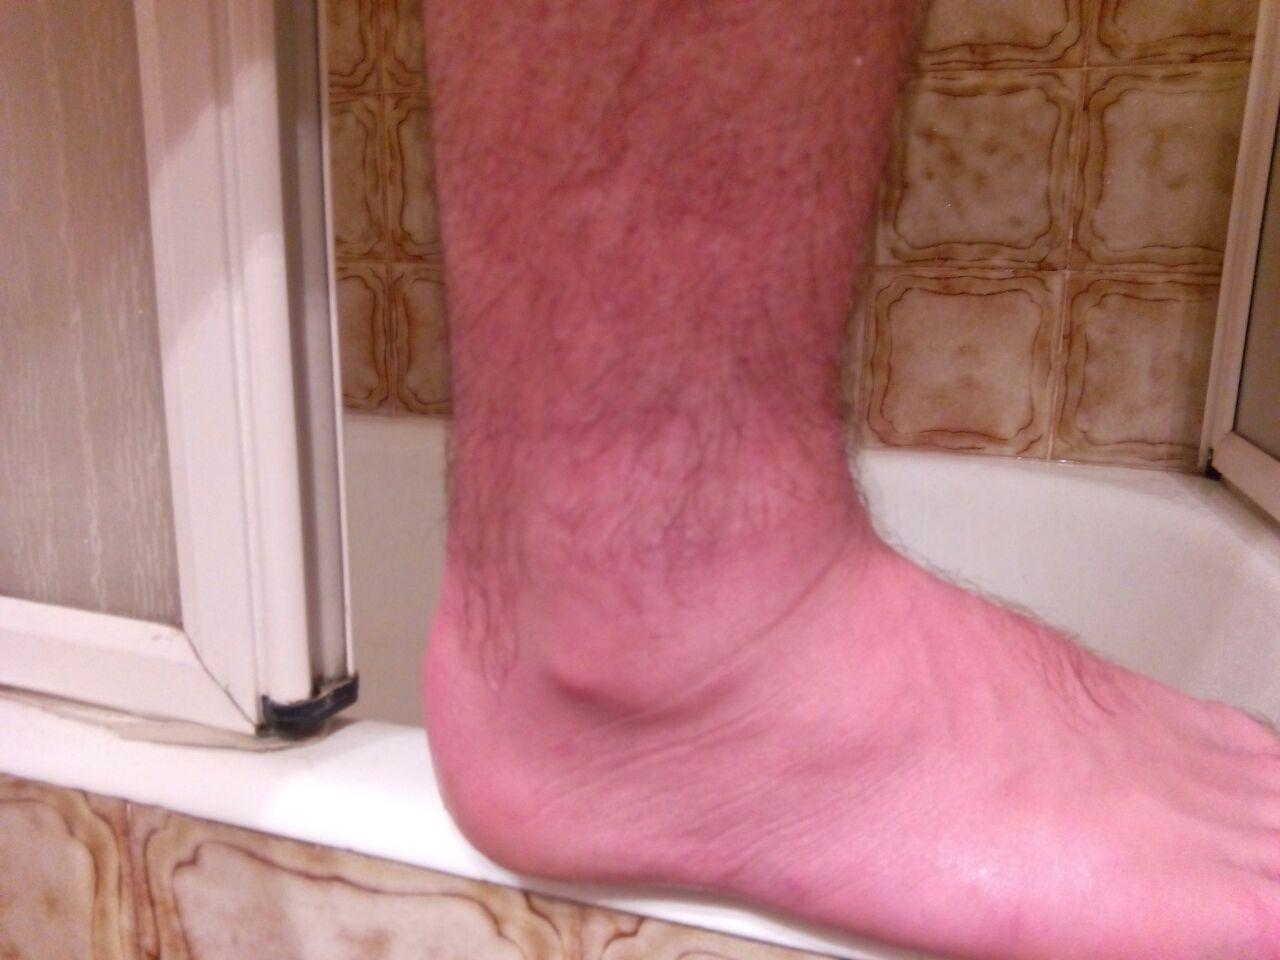 durerea articulară la picioarele mele s-a așezat